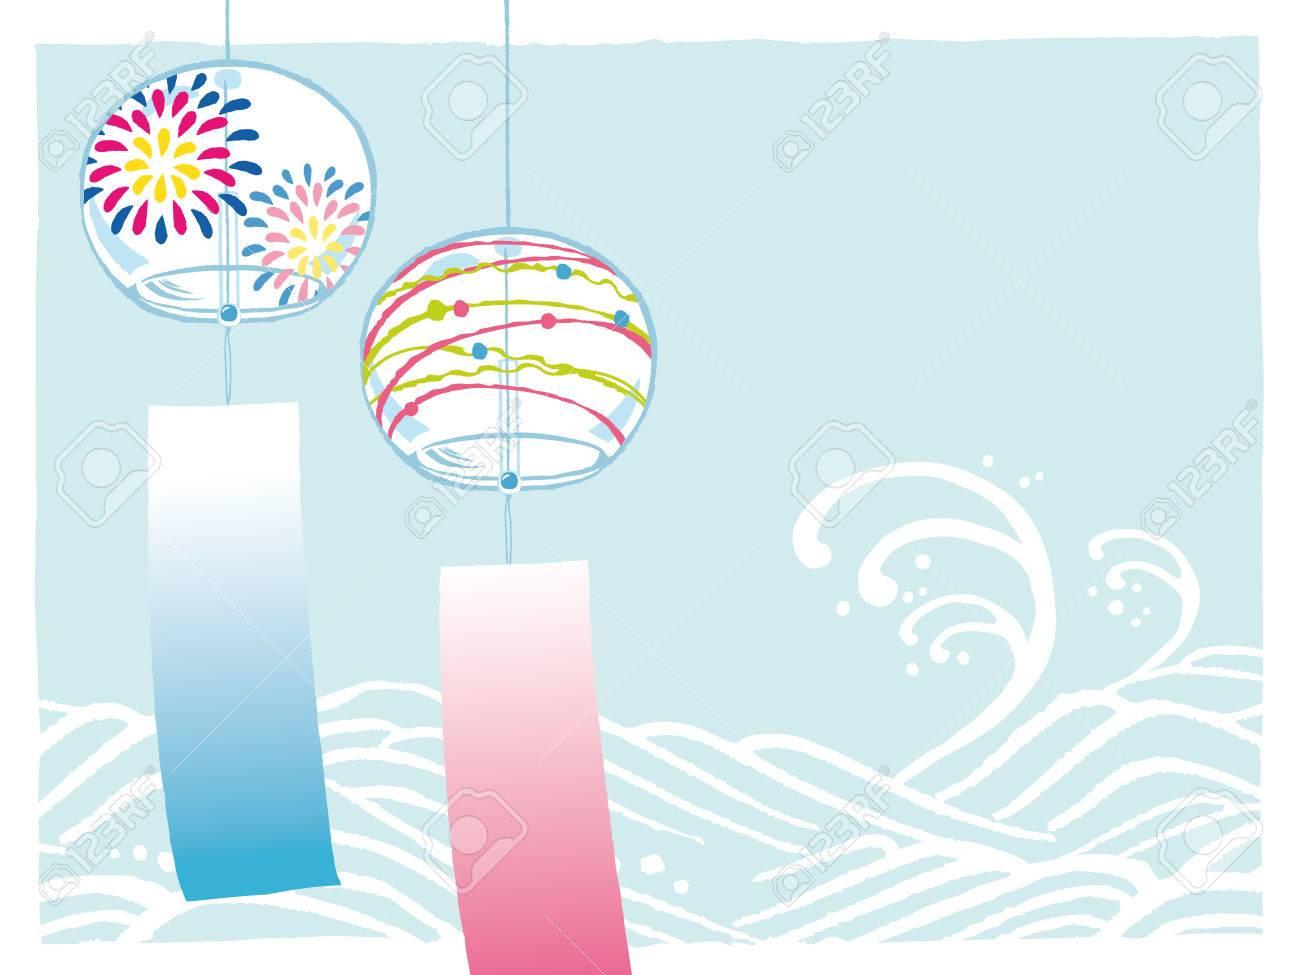 風鈴のイラスト素材 ベクタ Image